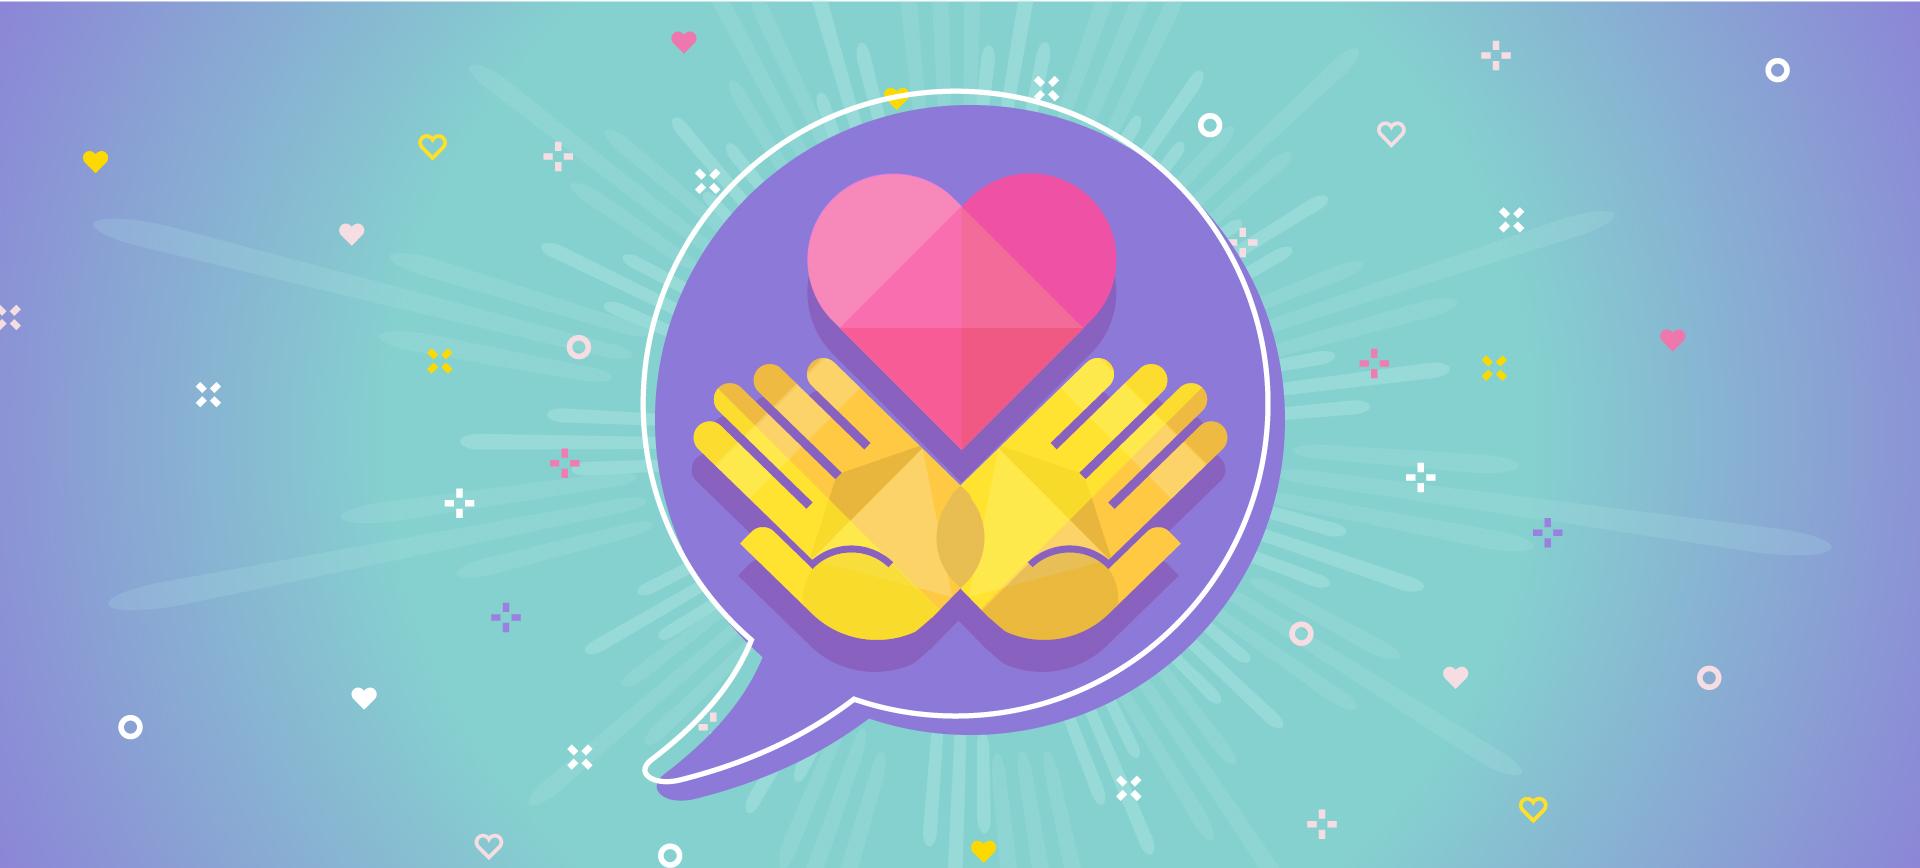 Heart in Hands banner